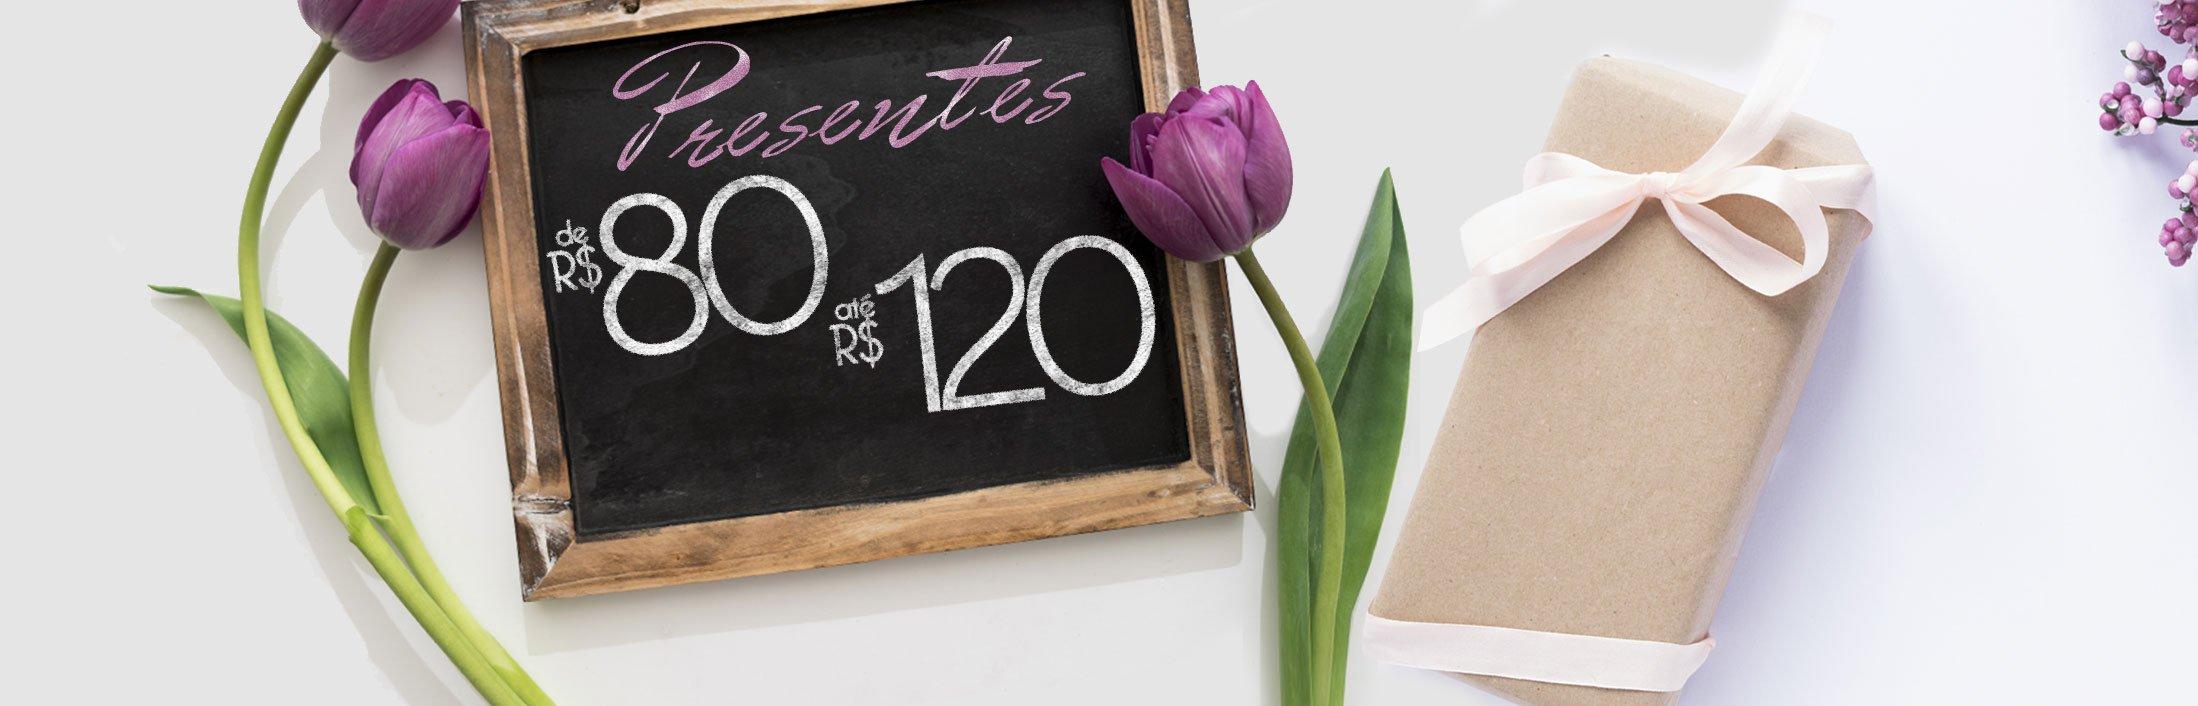 Presentes de R$80 até R$120